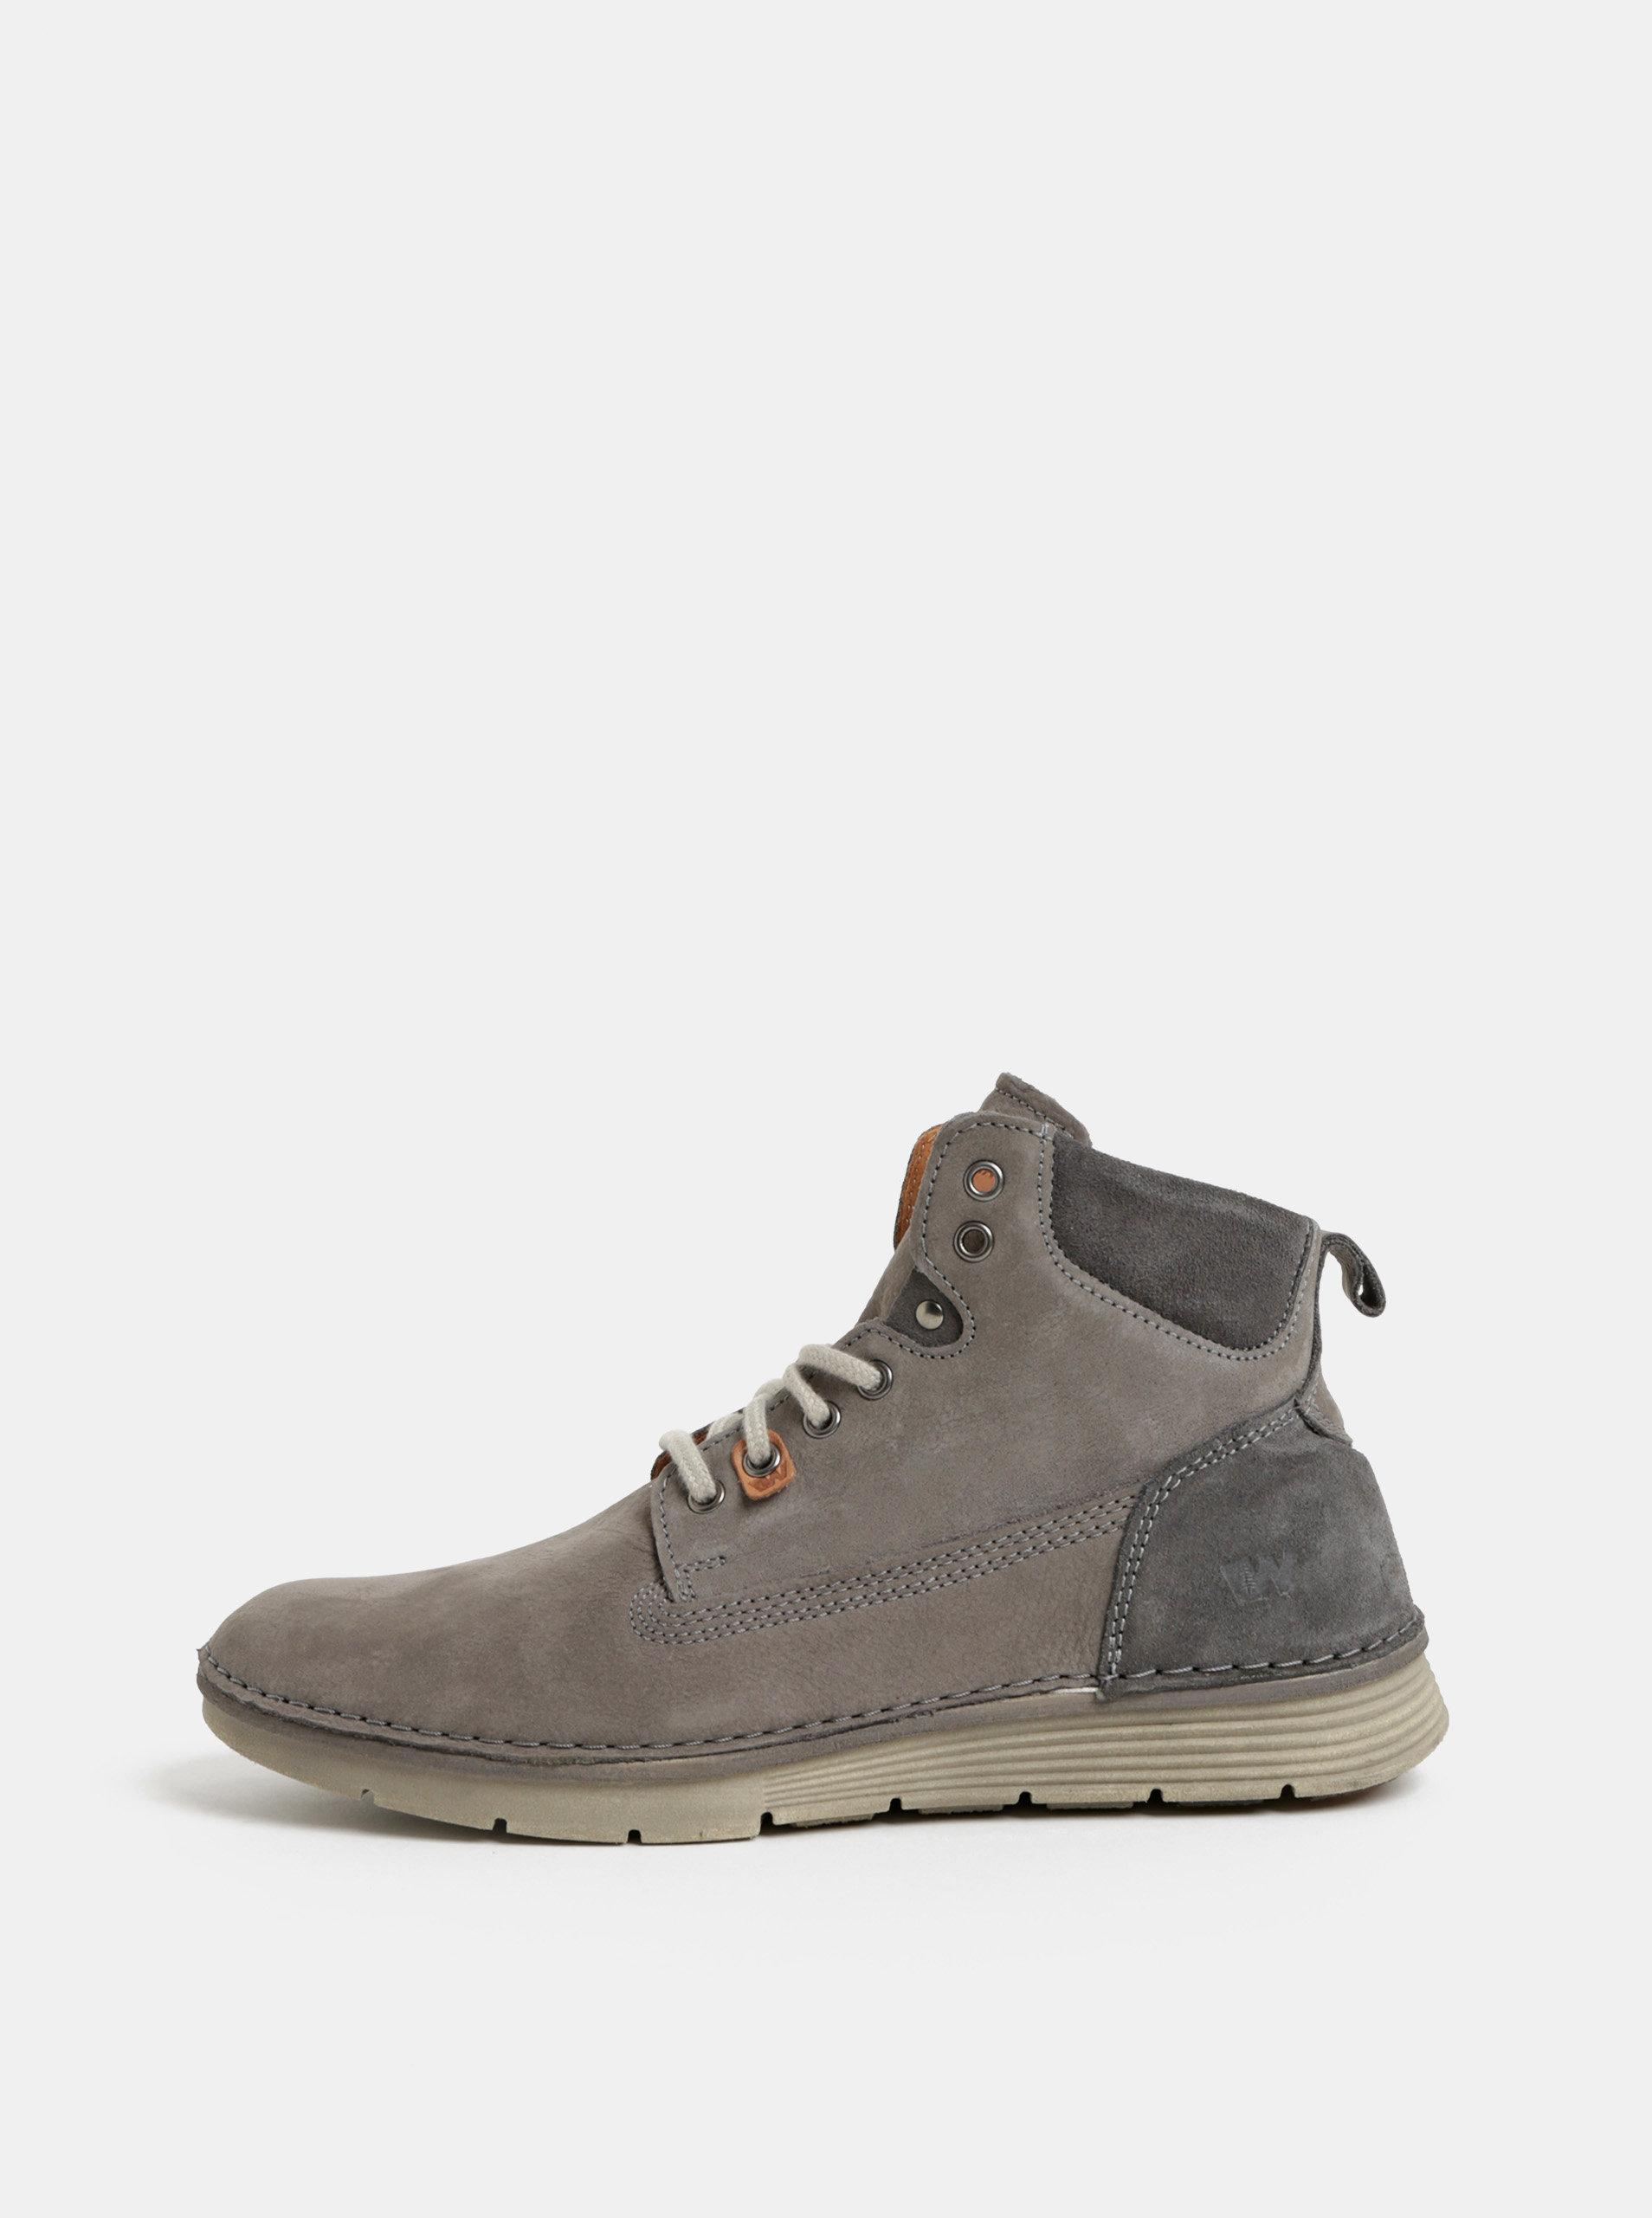 77c12d3c03f0 Sivé pánske kožené členkové topánky Weinbrenner ...